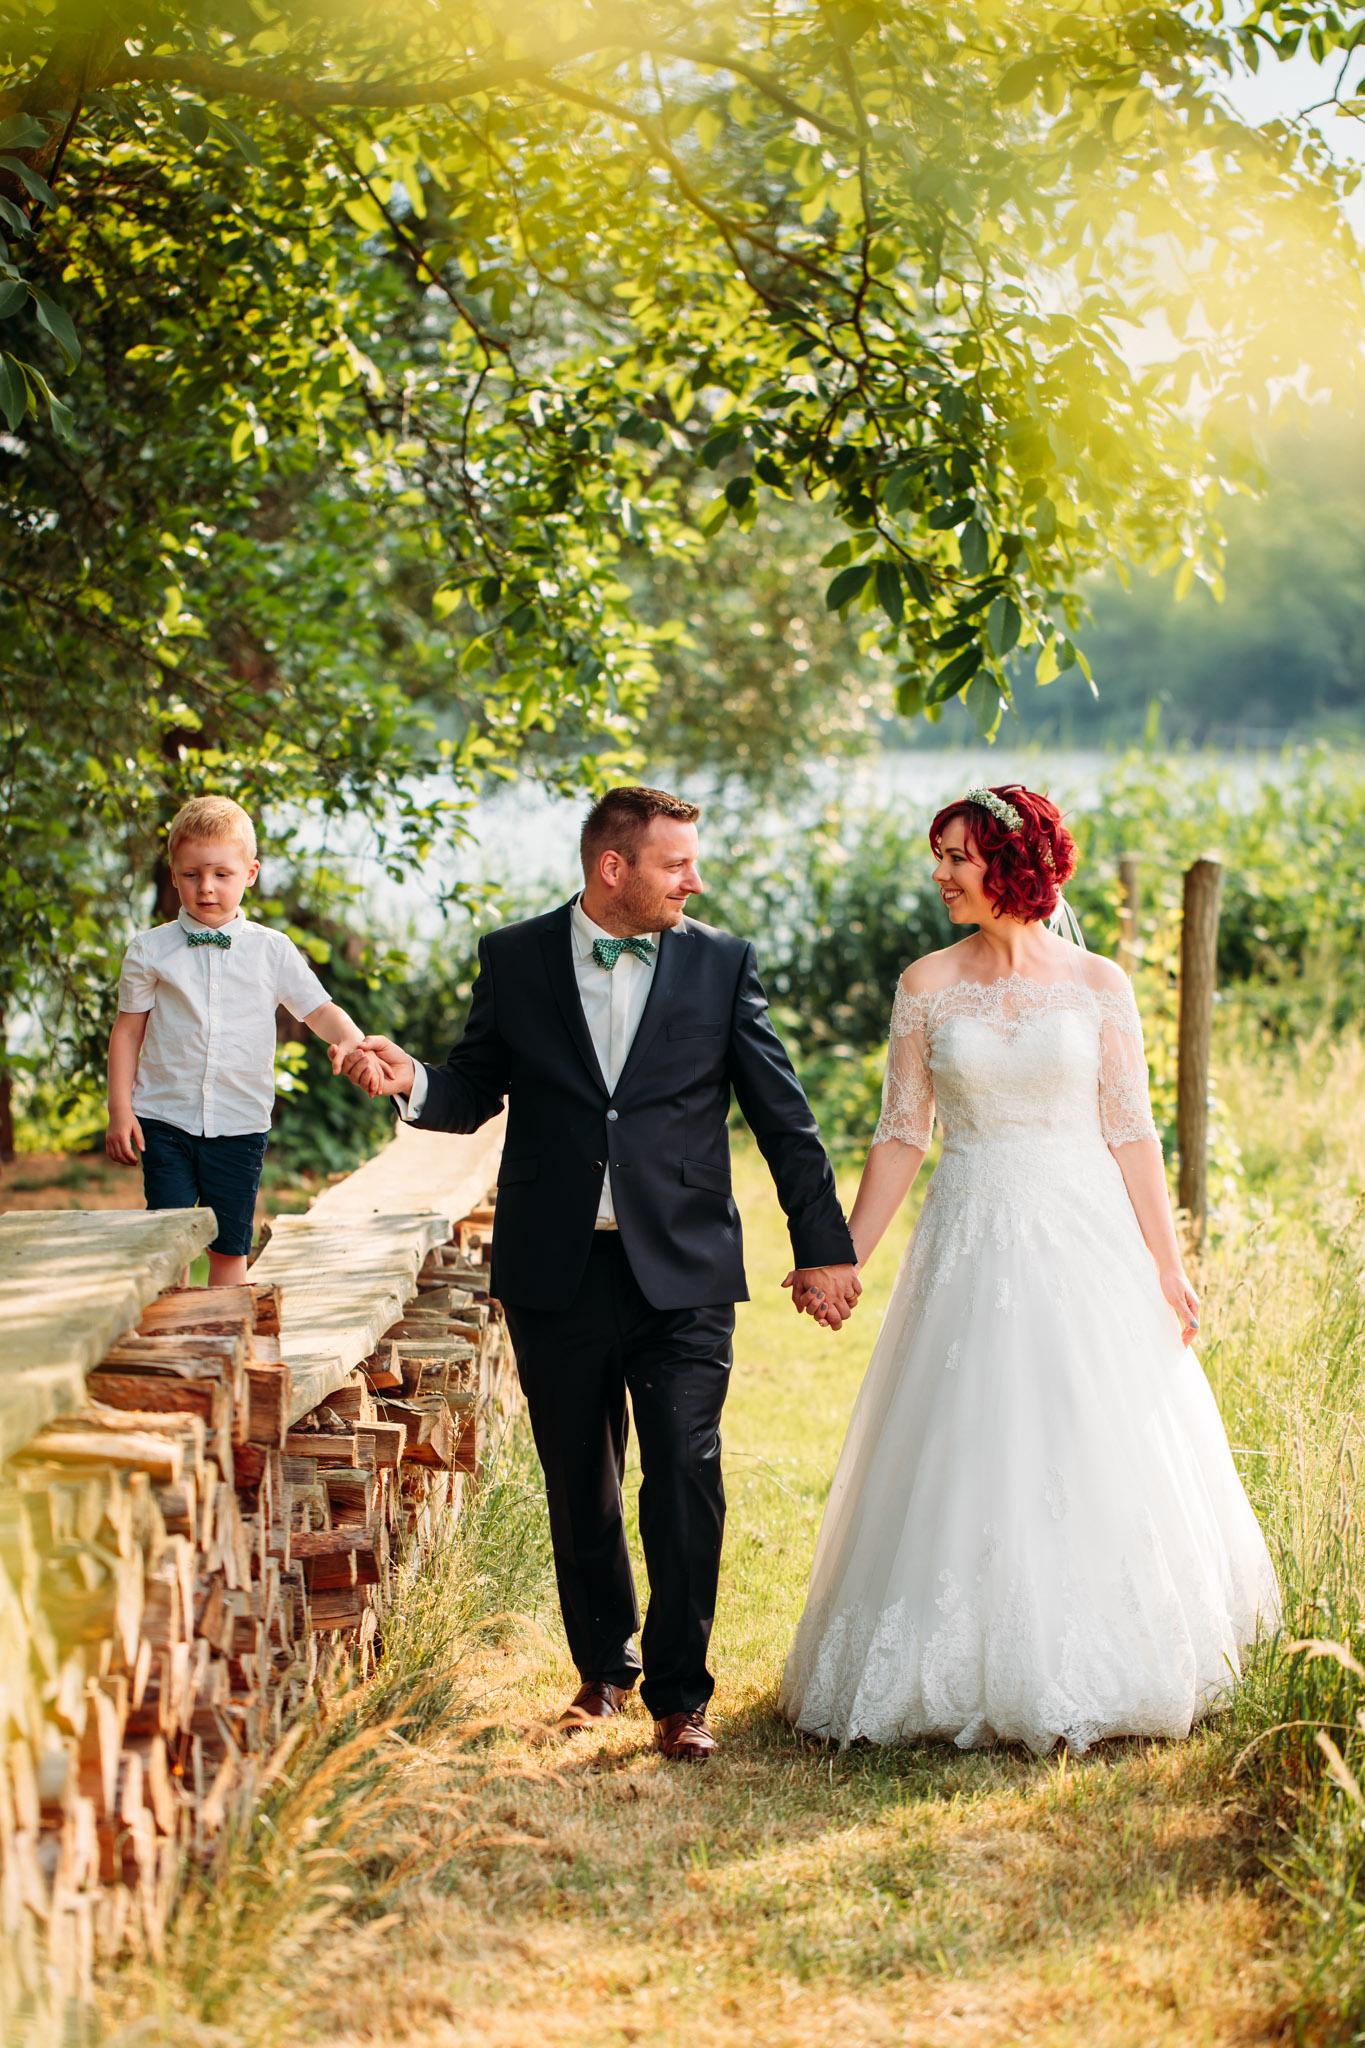 180616_Hochzeit_Haus_am_Bauernsee_Scheune_web_0021.jpg